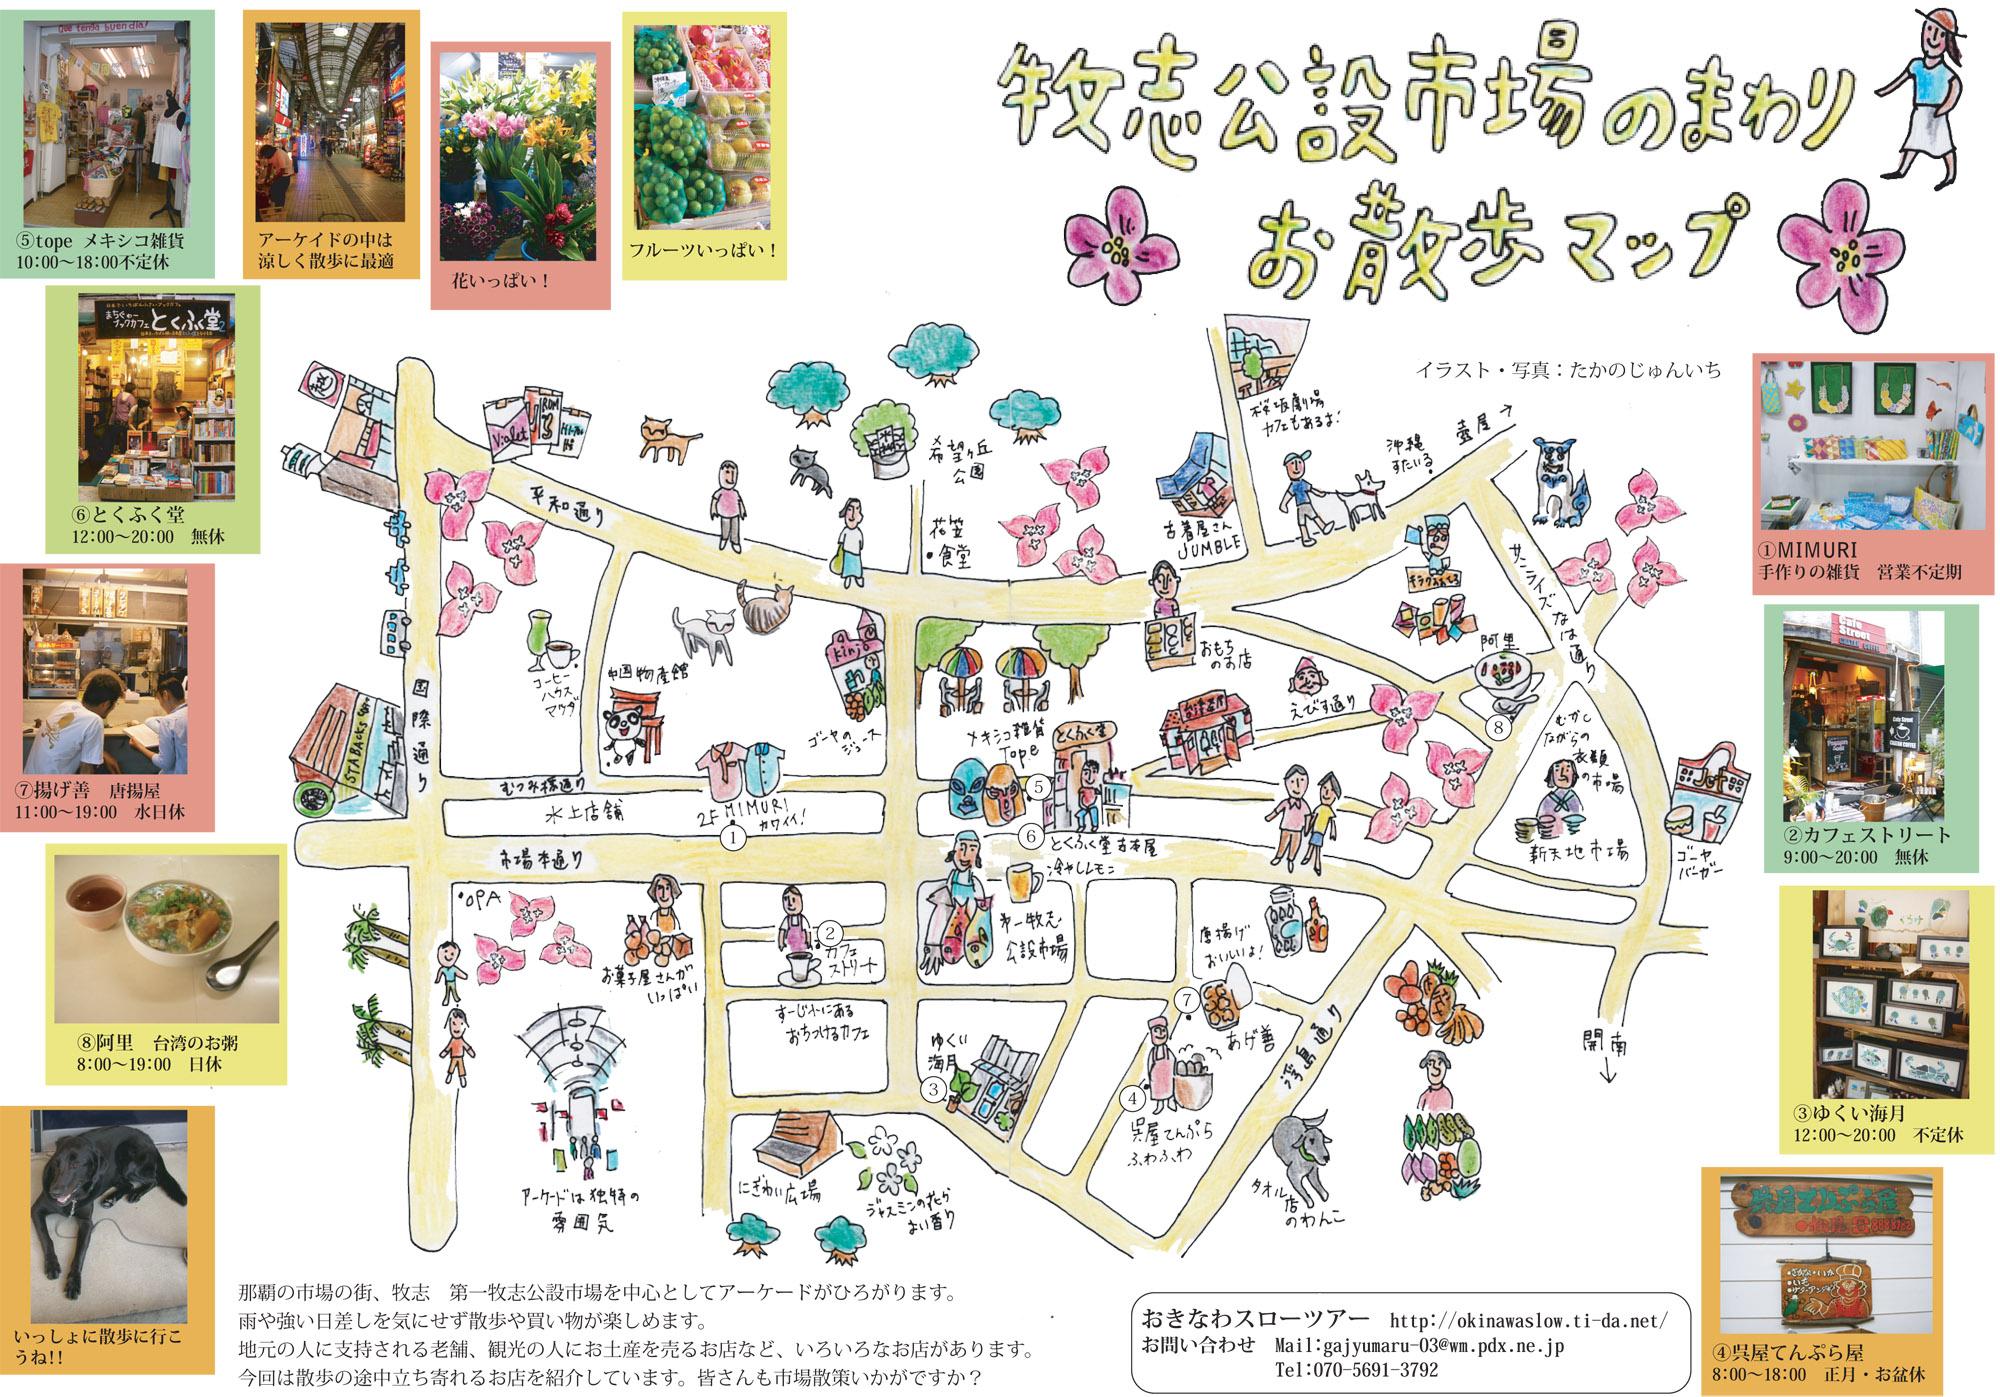 おきなわスローツアー okinawa slow tour:2009年02月